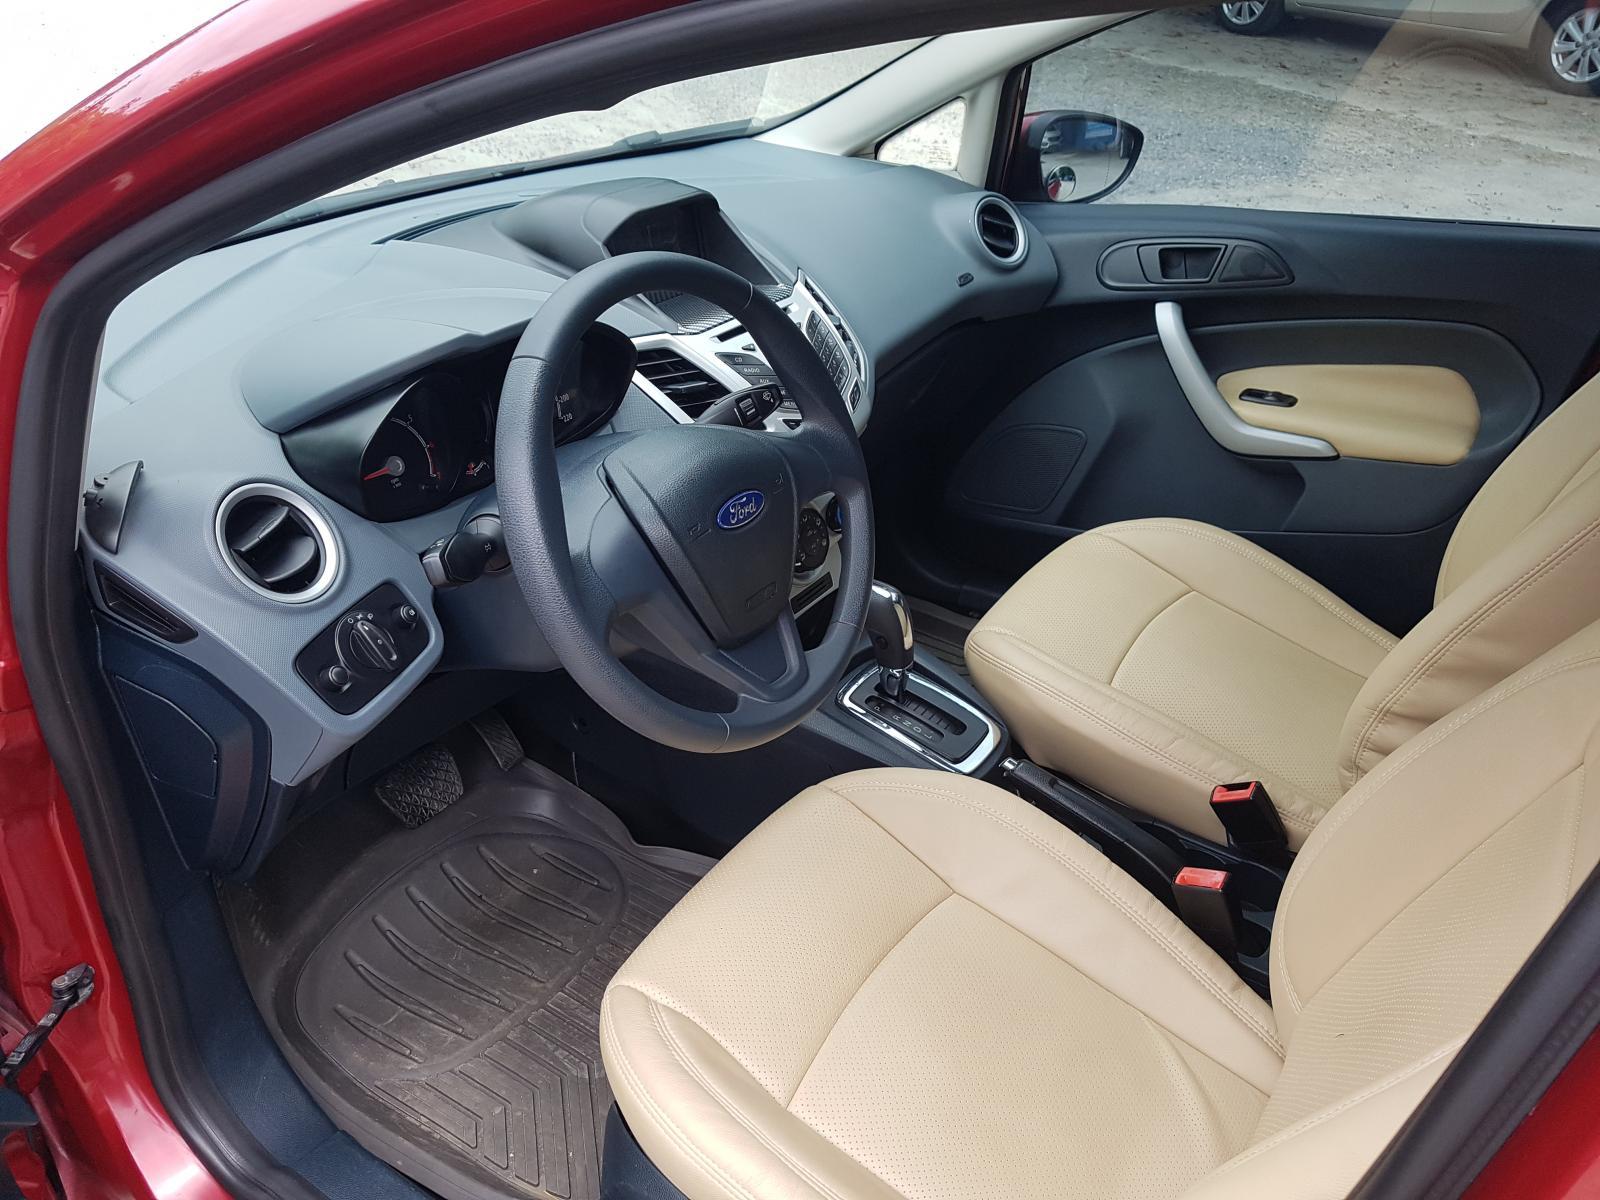 Bán Ford Fiesta đời 2011, màu đỏ số tự động, giá tốt